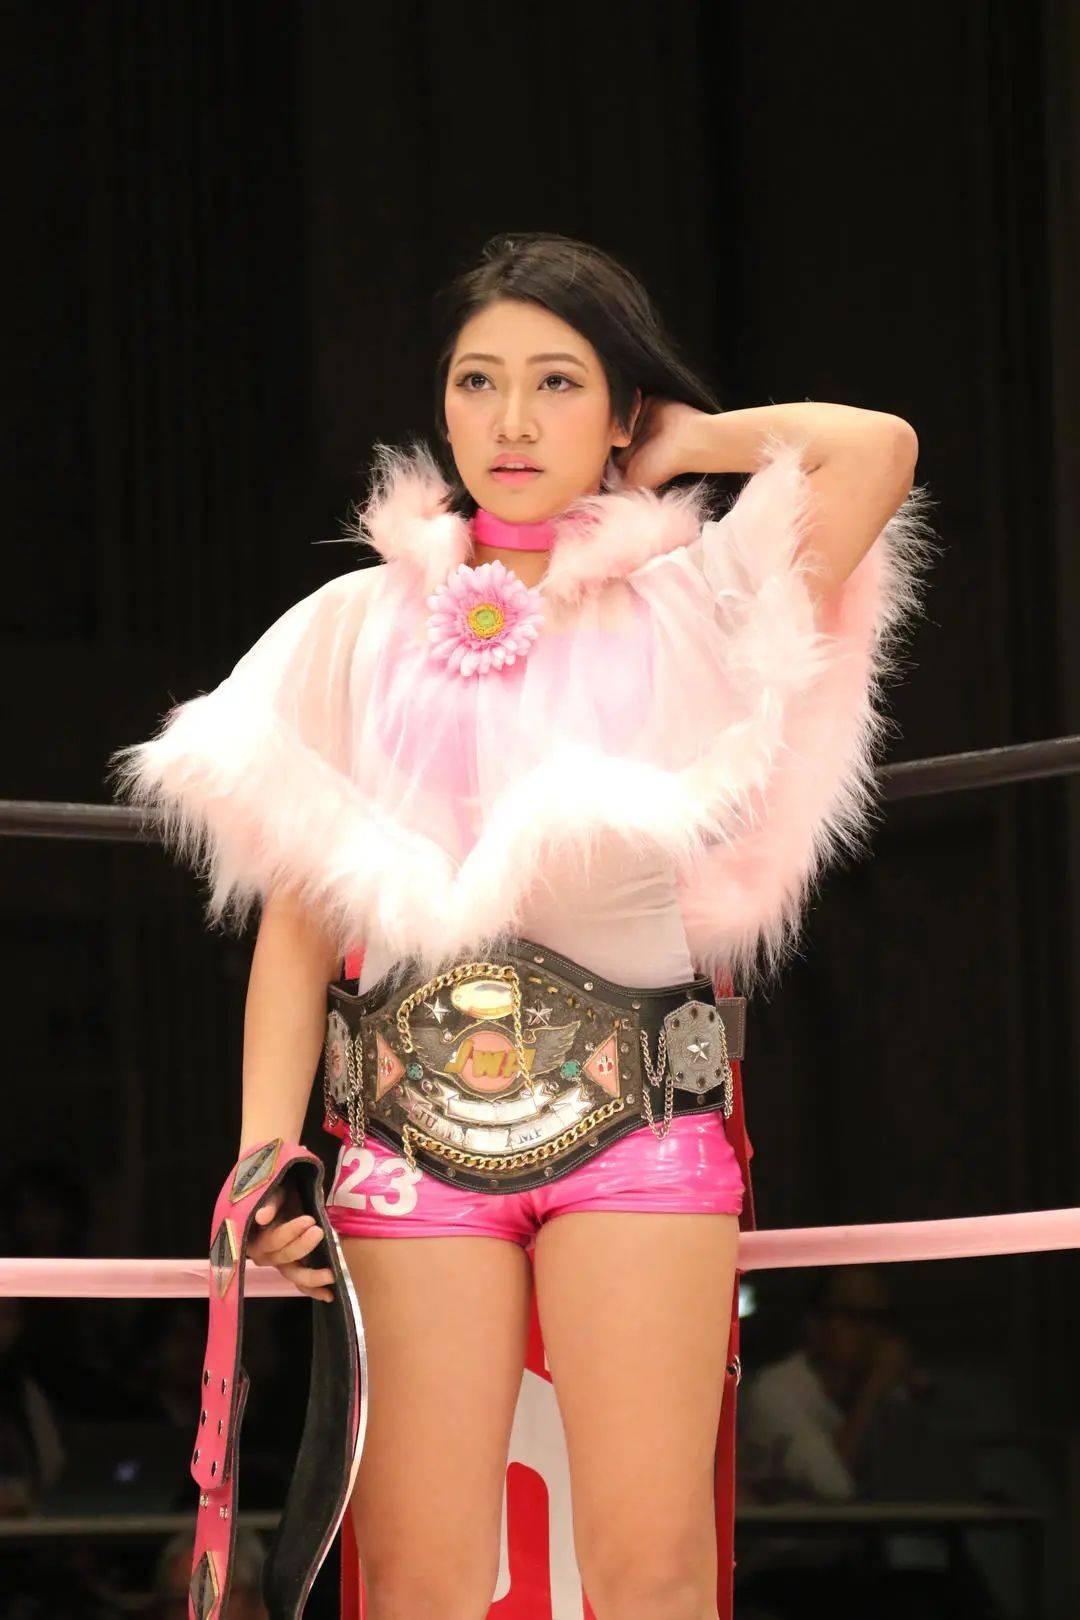 继崔雪莉后,日本23岁摔跤女星因网暴自杀,其母起诉网暴嫌疑人